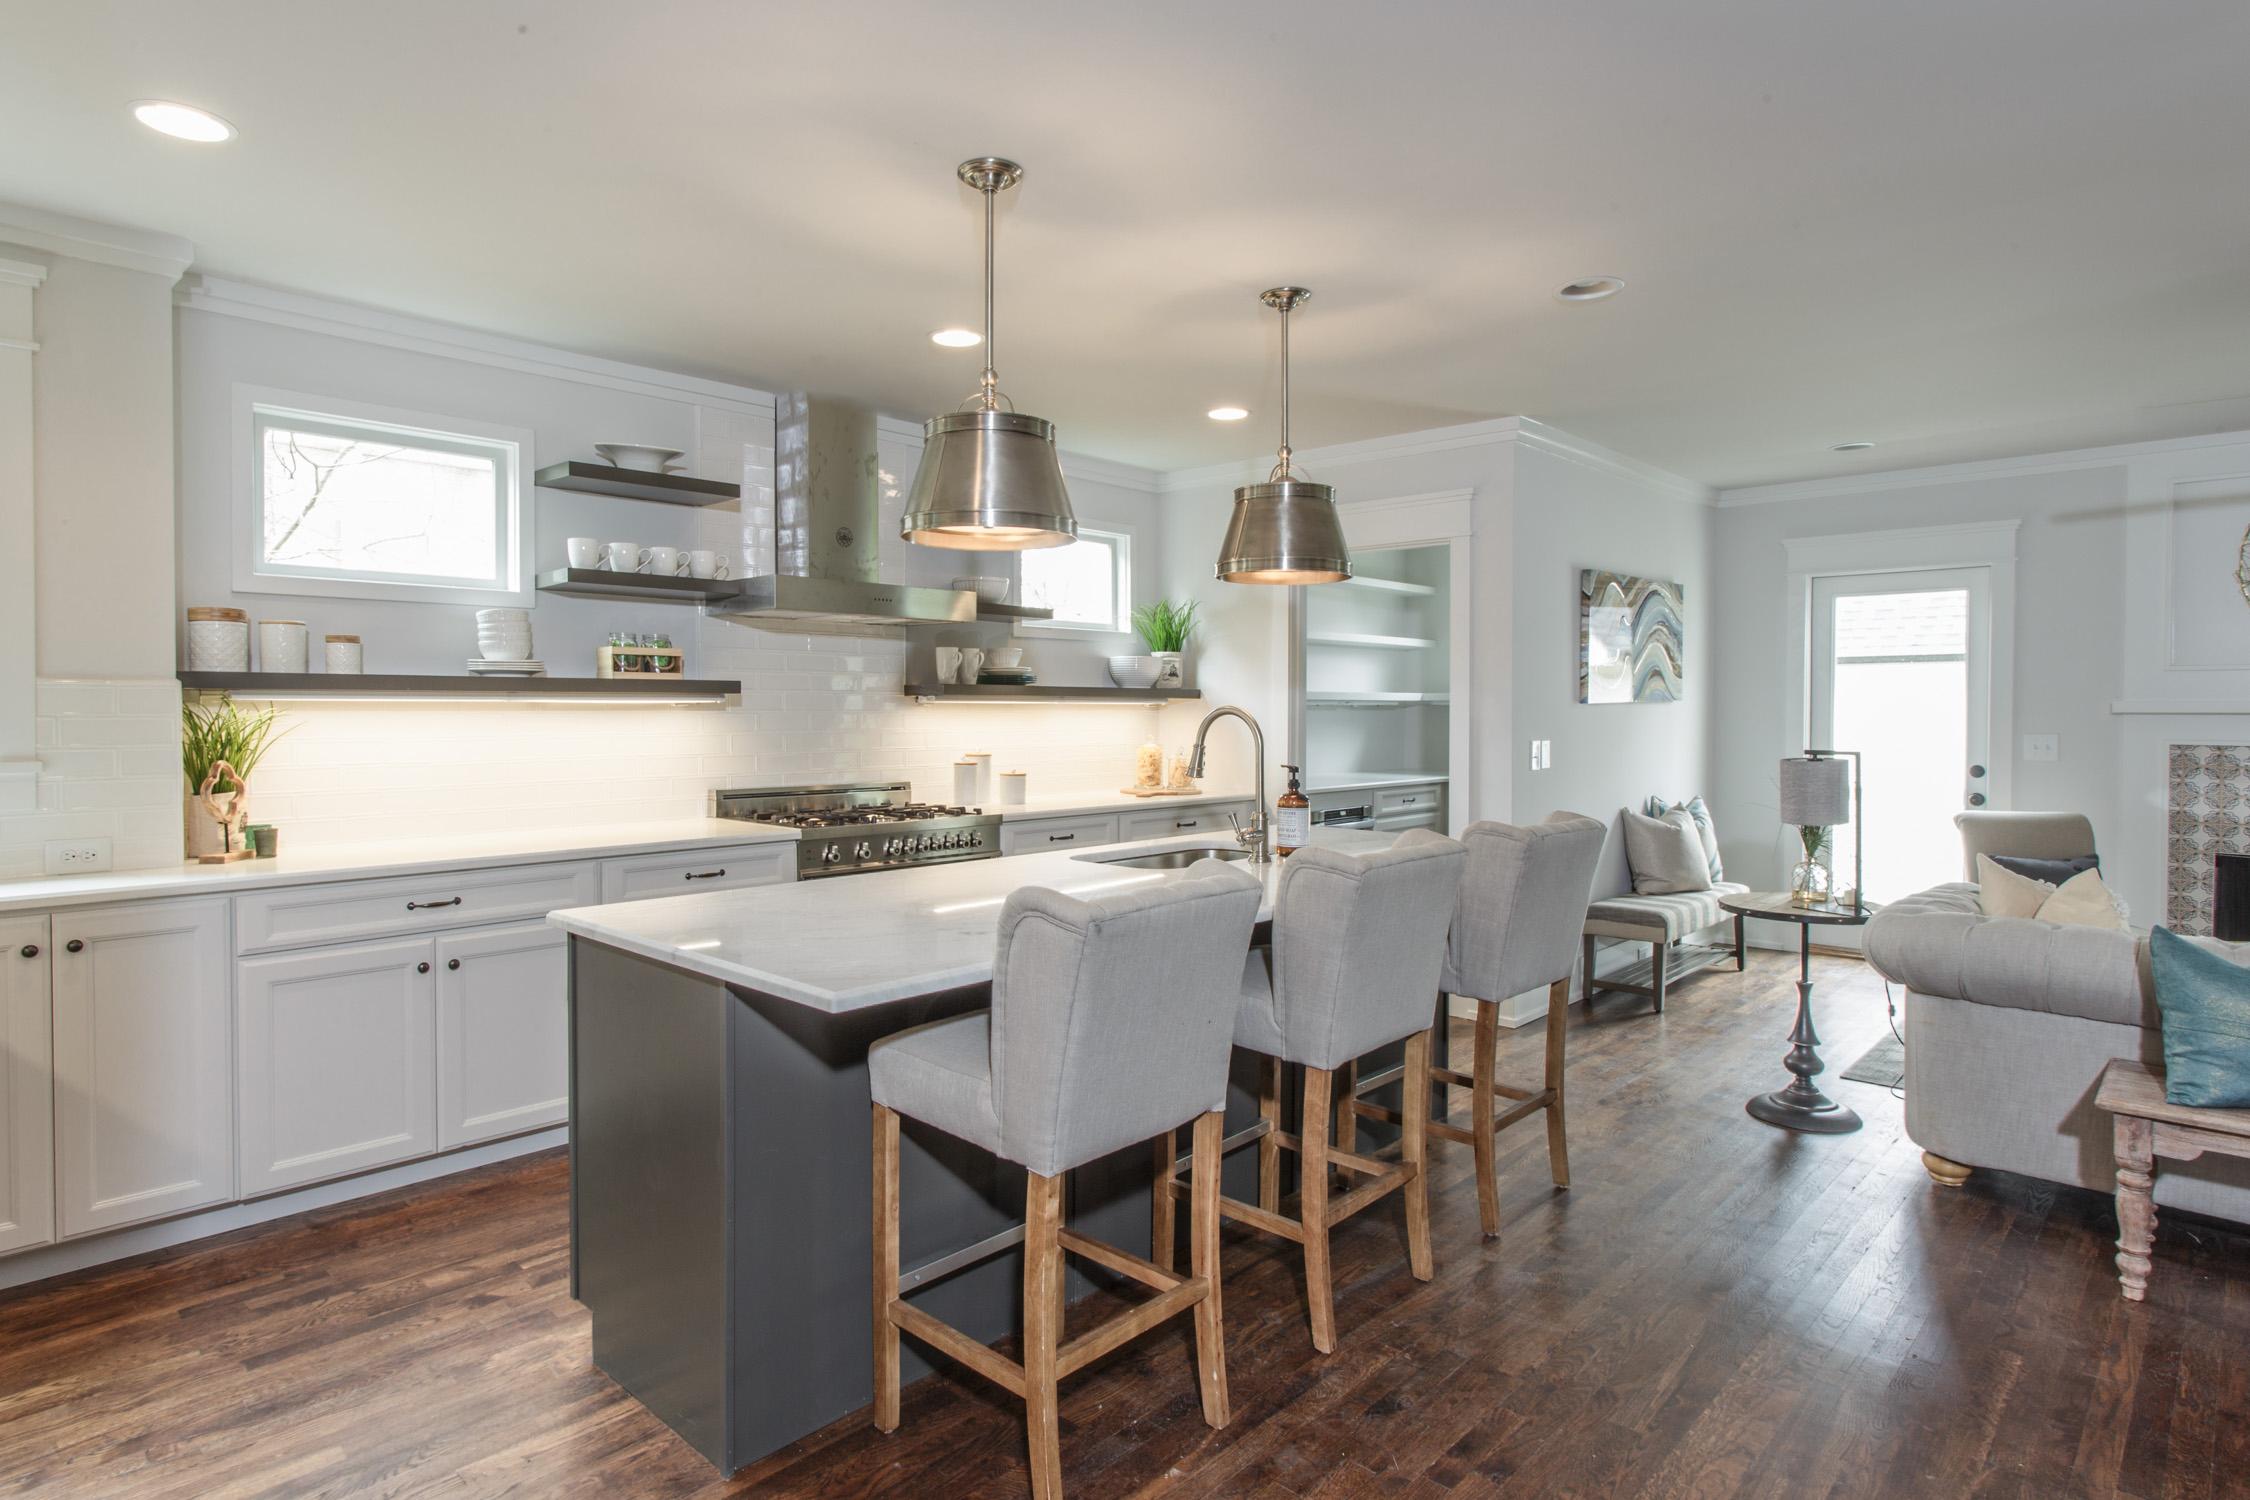 britt-development-group-nashville-tennessee-custom-home-builder-5715.jpg